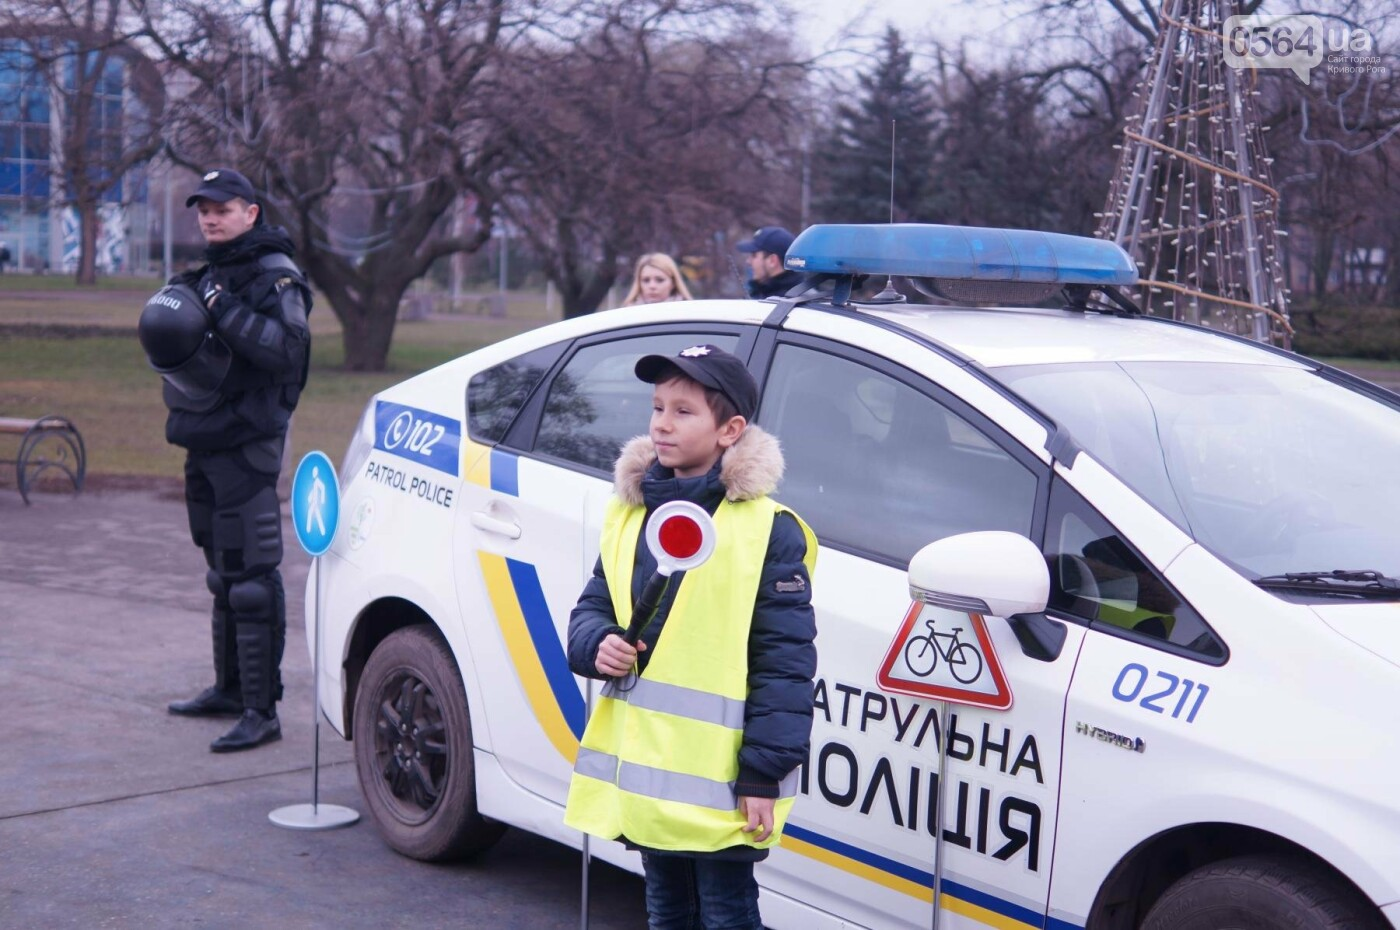 Встреча криворожских полицейских с детьми закончилась преждевременно (ФОТО), фото-22